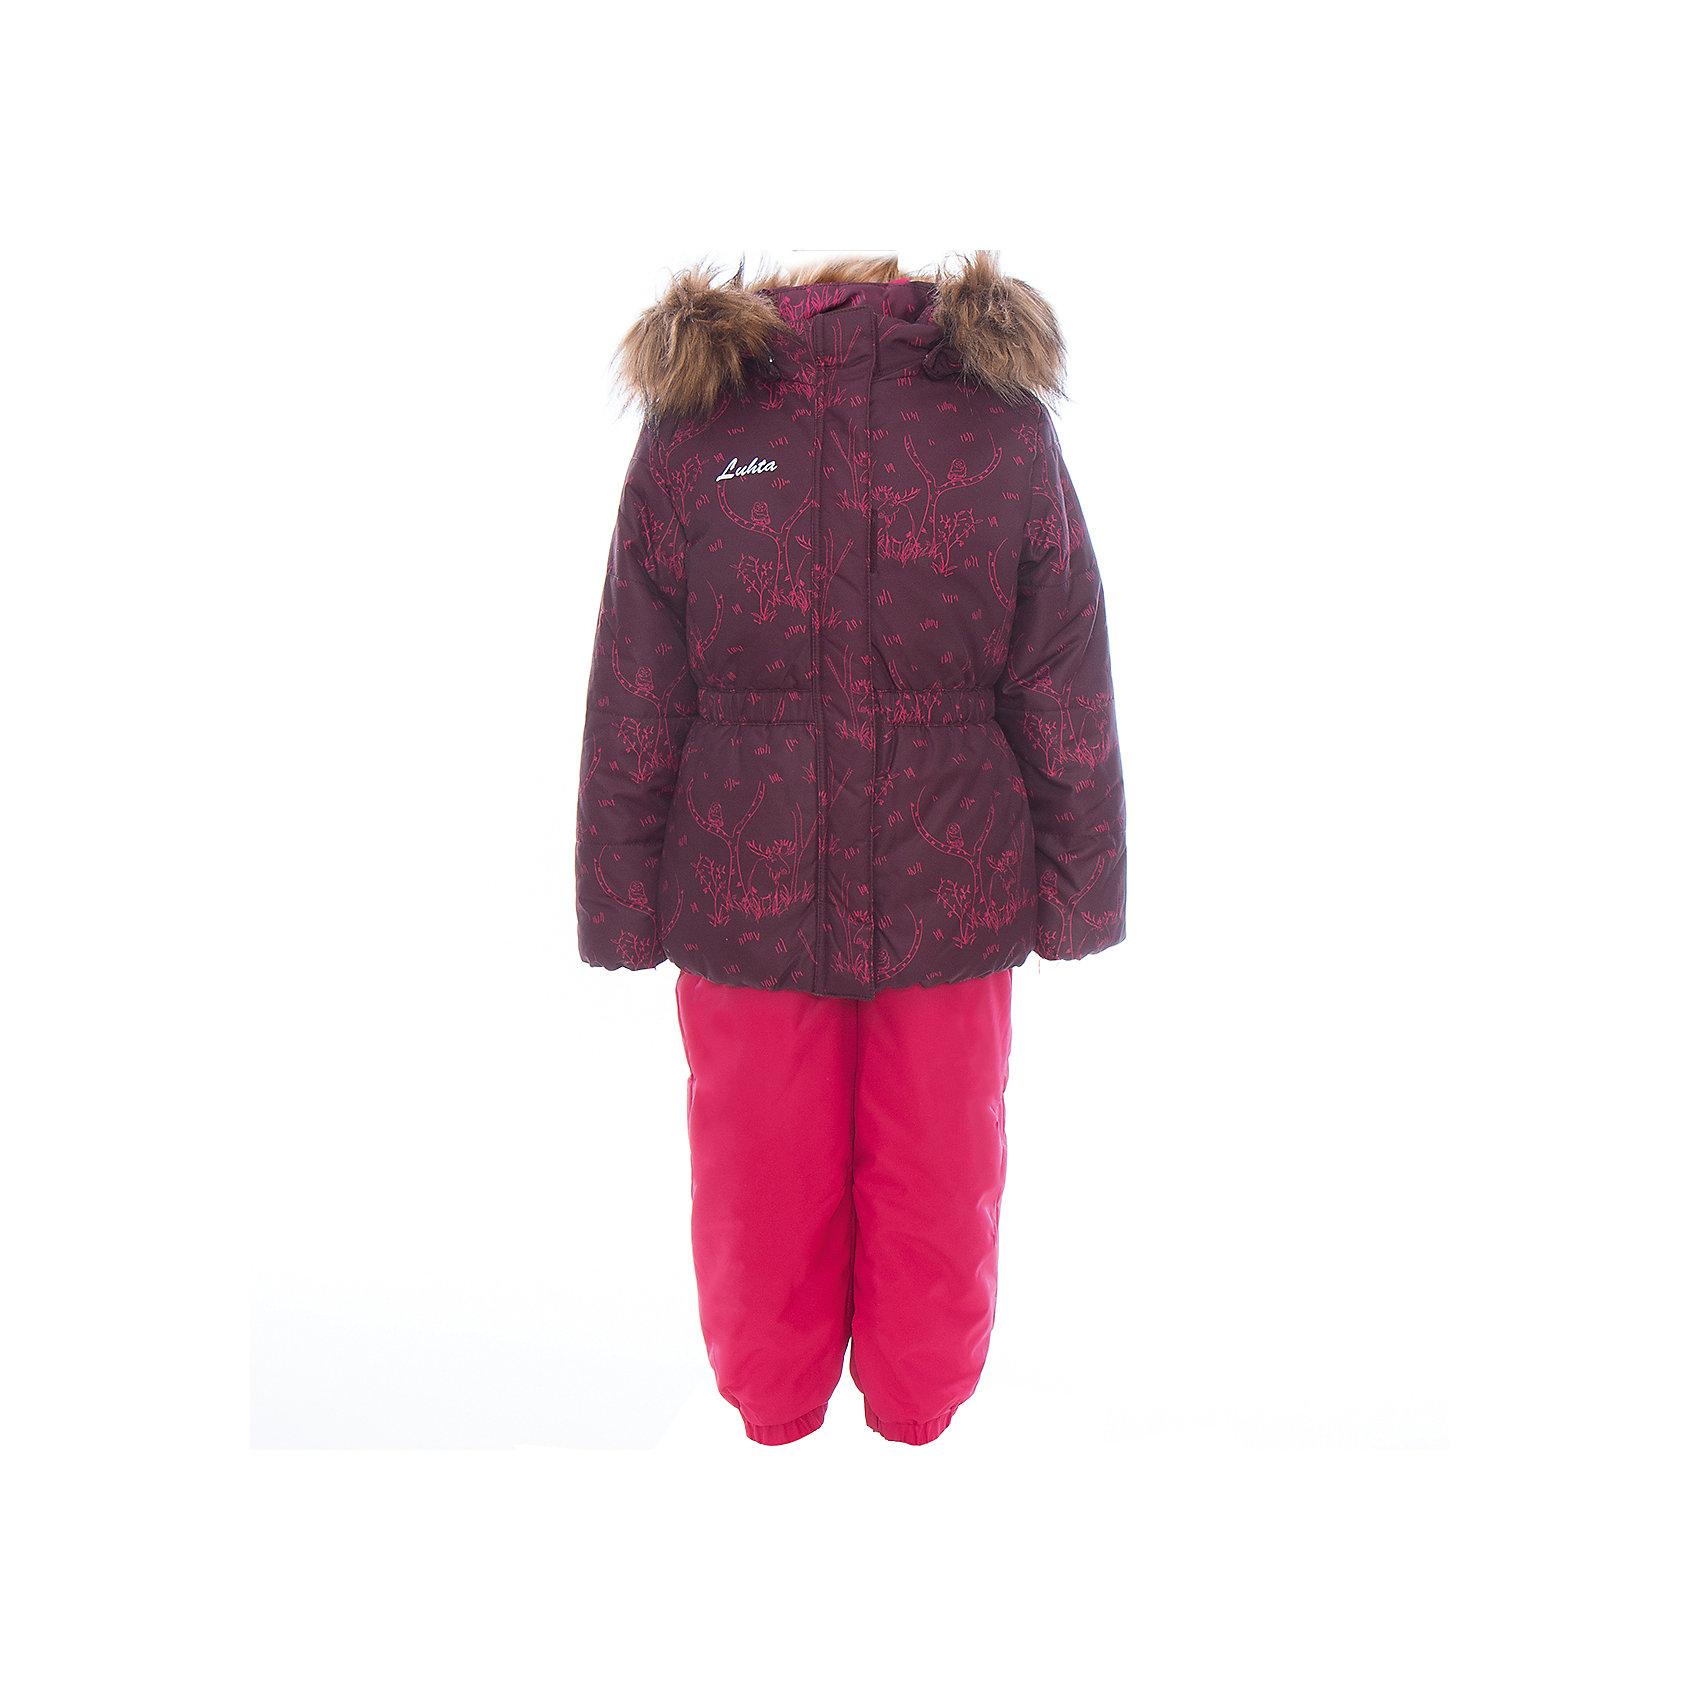 Комплект: куртка и полукомбинезон для девочки LuhtaОдежда<br>Комплект: куртка и полукомбинезон для девочки от известного бренда Luhta.<br>Куртка с отстегивающимся капюшоном, принт, молния закрыта планкой , эластичная резинка на рукавах и в нижней части куртки, светоотражающие элементы, утепление 240 гр. Полукомбинезон на молнии с регулируемыми лямками, эластичная утяжка по талии, регулируемые штрипки для ботинка, утепление 160 гр. Рекомендуемый температурный режим до -30 град. Внутри куртки находится температурный датчик.<br>Технологии: Luhta WATER REPELLENT, Luhta BREATHABLE, 2000/2000, Luhta DIRT REPELLENT, Luhta TEMPERATURE CONTROL, Luhta SAFETY, Luhta FINNWAD, Luhta -30<br>Состав:<br>100% полиэстер<br><br>Ширина мм: 356<br>Глубина мм: 10<br>Высота мм: 245<br>Вес г: 519<br>Цвет: красный<br>Возраст от месяцев: 24<br>Возраст до месяцев: 36<br>Пол: Женский<br>Возраст: Детский<br>Размер: 98,104,110,116,122,128,92<br>SKU: 5414048